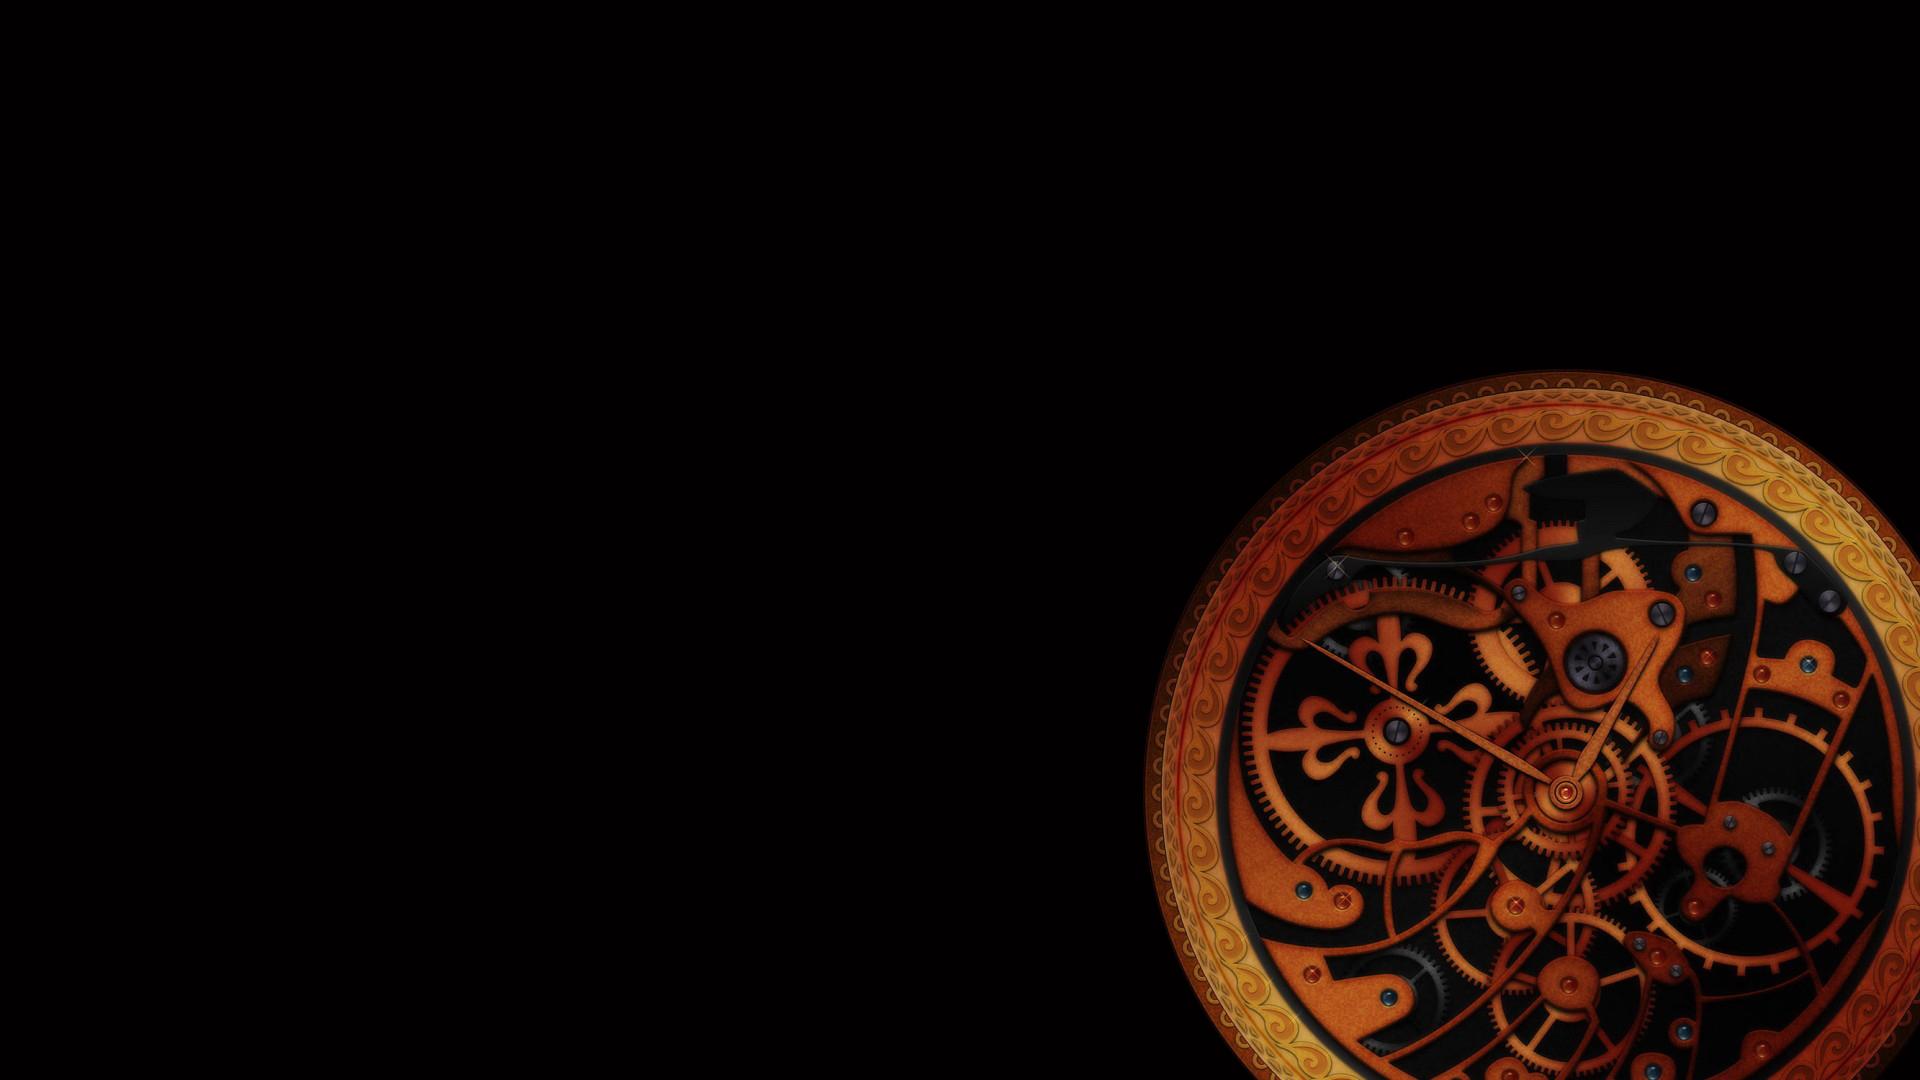 Clockworks Dark Steampunk 1920x1080